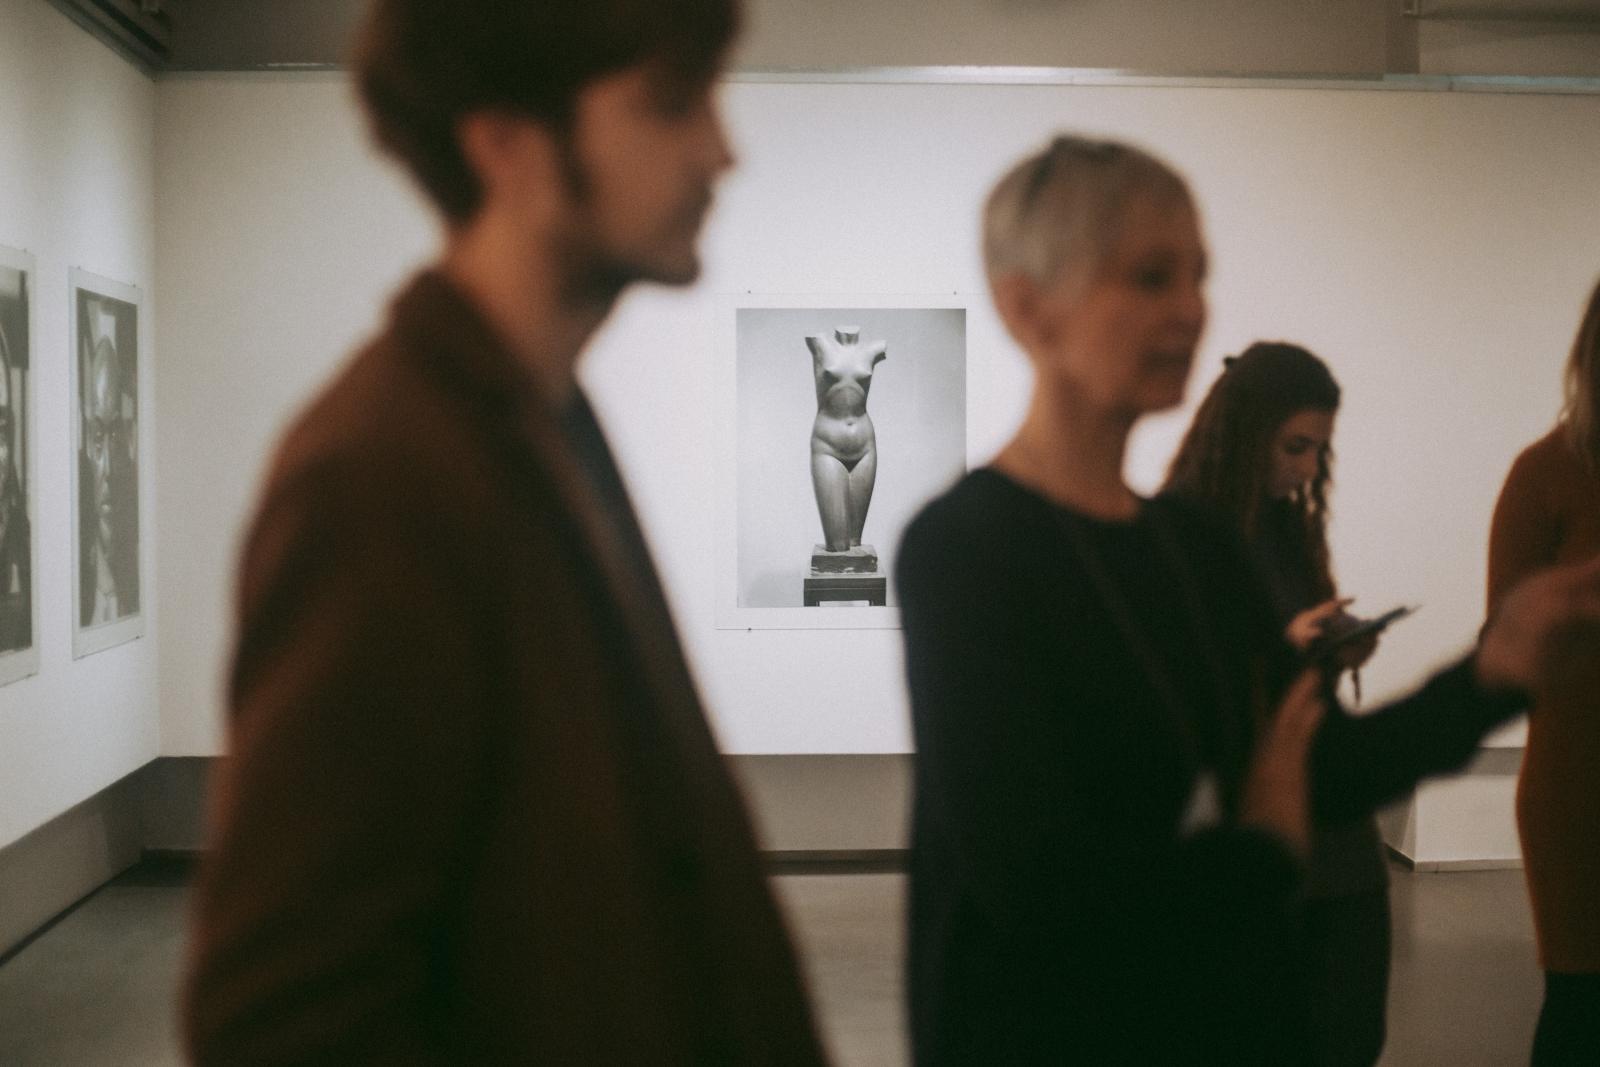 Komentovaná prohlídka výstavy <br> Dům fotografie <br> G2A 03 <br> 13. 11. 2019